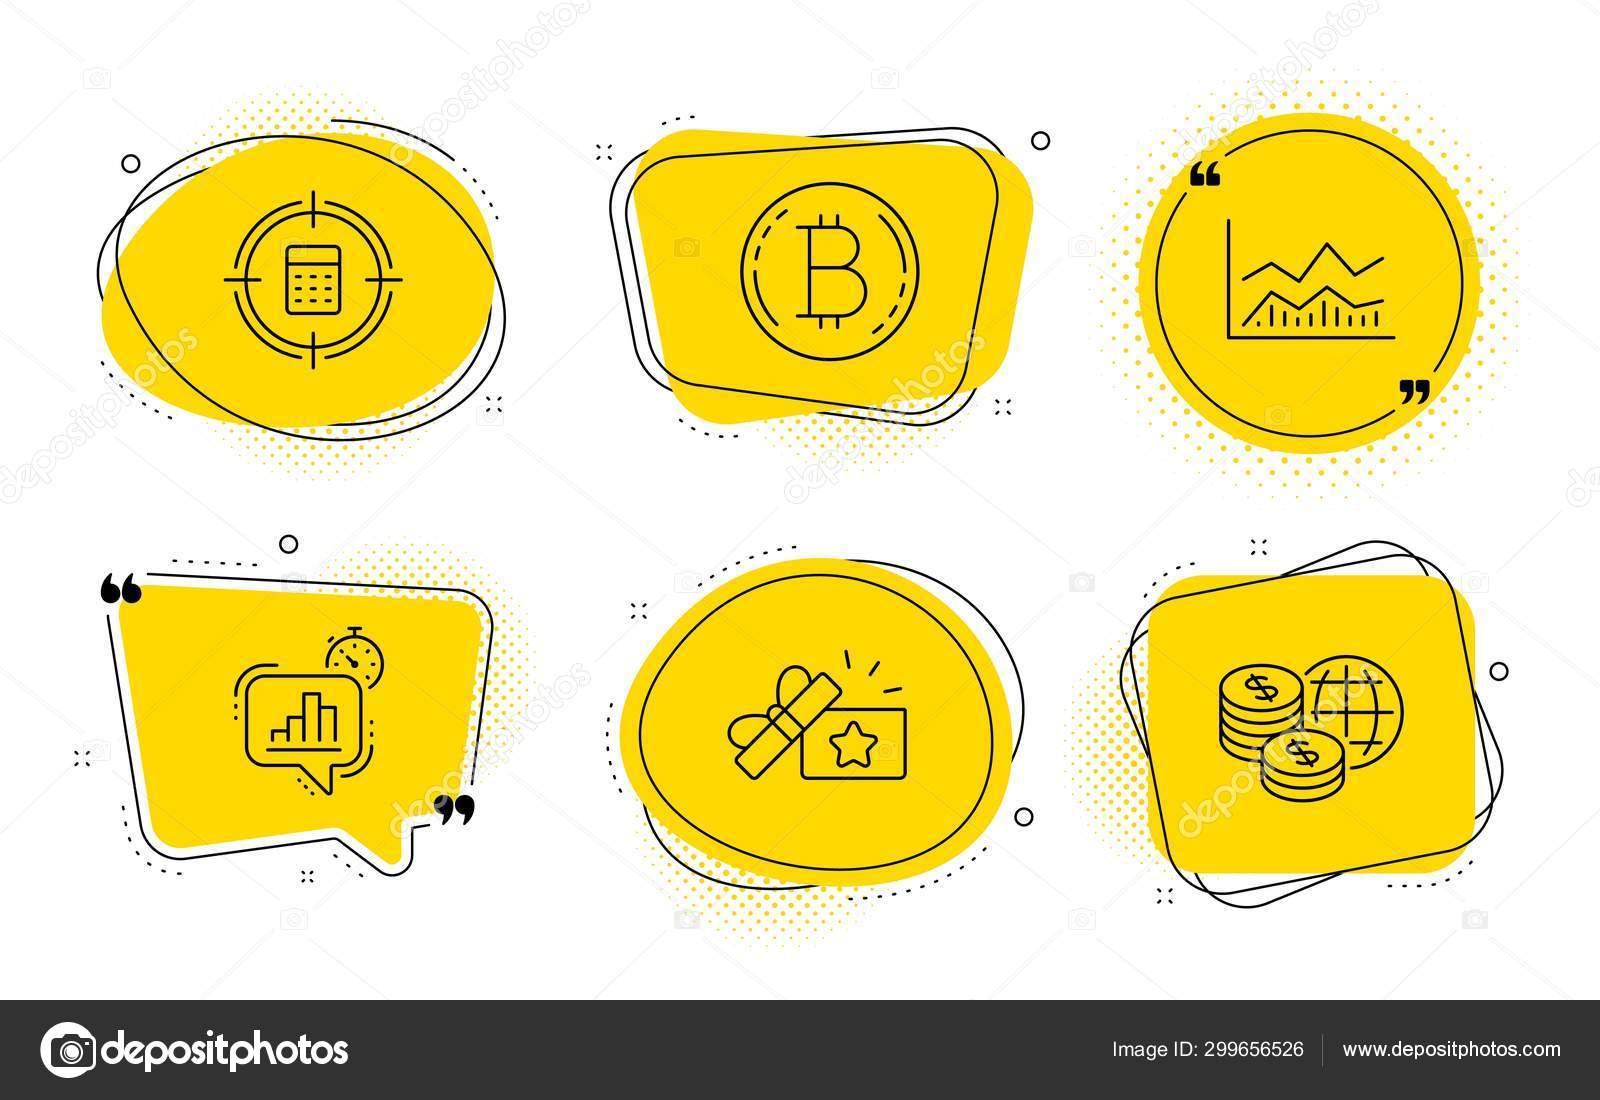 Kriptodeviza, Bitcoin | Page 2 | ElemzésKözpont